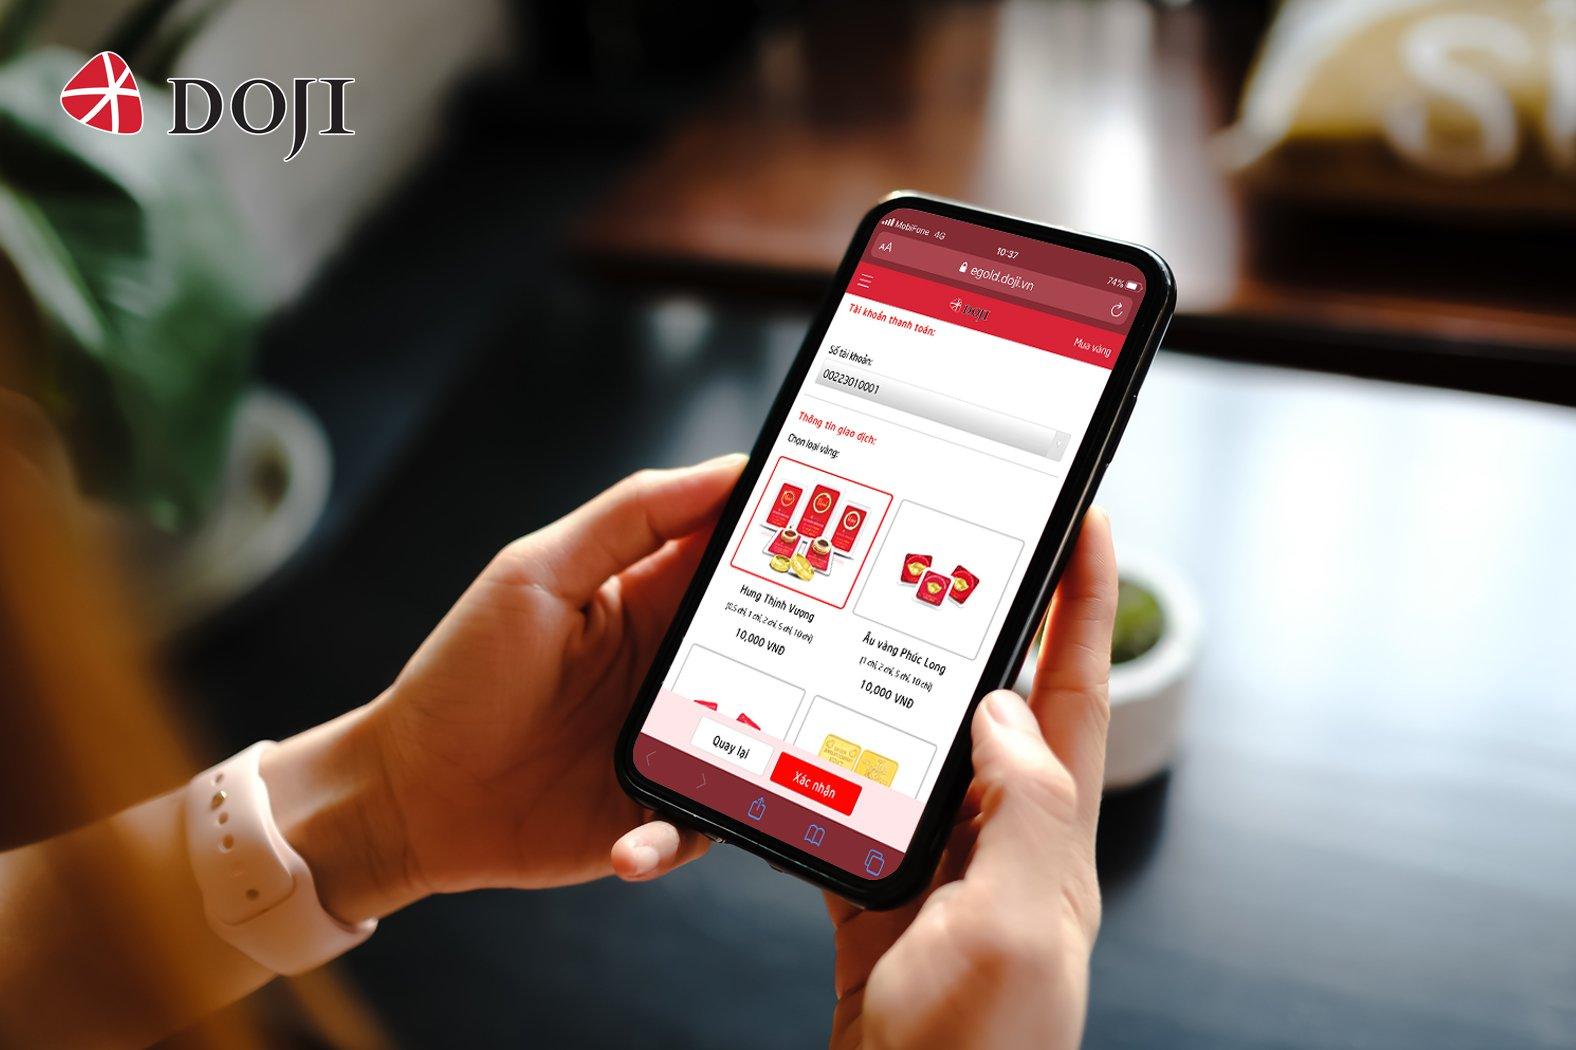 Sắp ra mắt hình thức mua bán vàng vật chất trực tuyến eGold của DOJI  - Ảnh 2